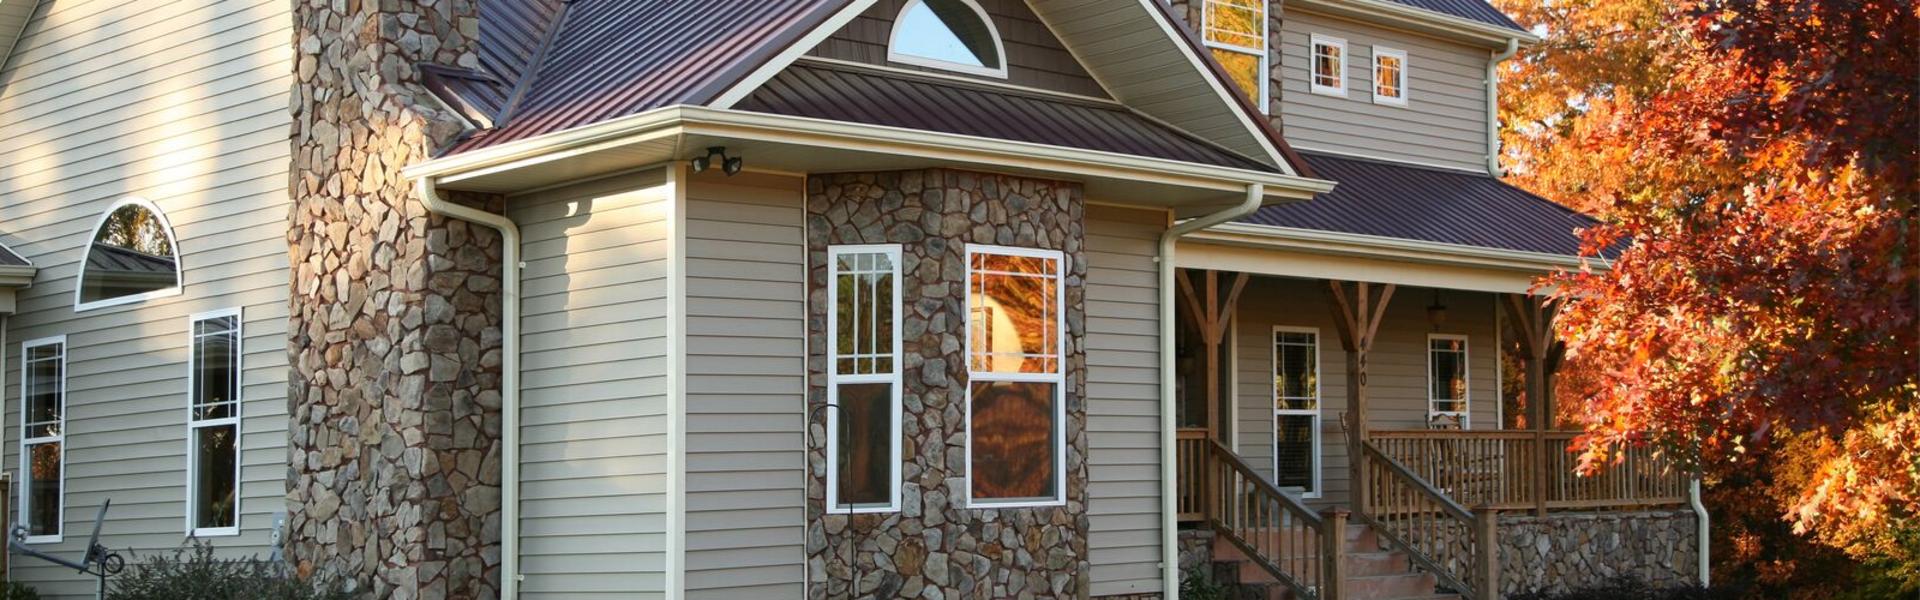 Keller Williams Newtown's Open Houses September 28 – September 29